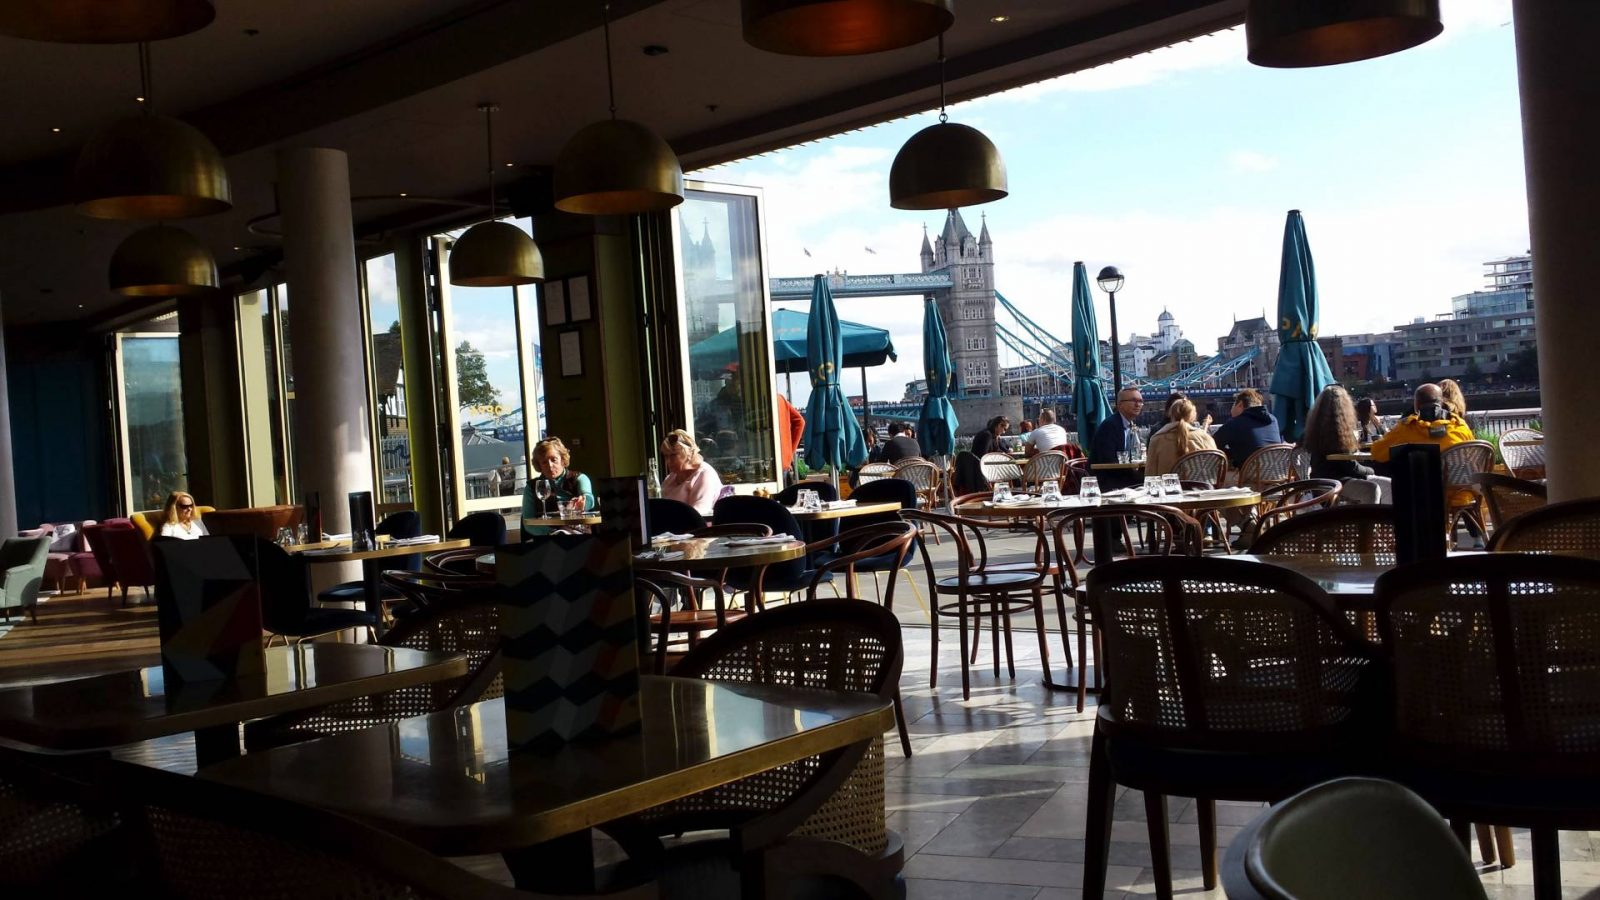 Weekend in London cafe-by-london-bridge